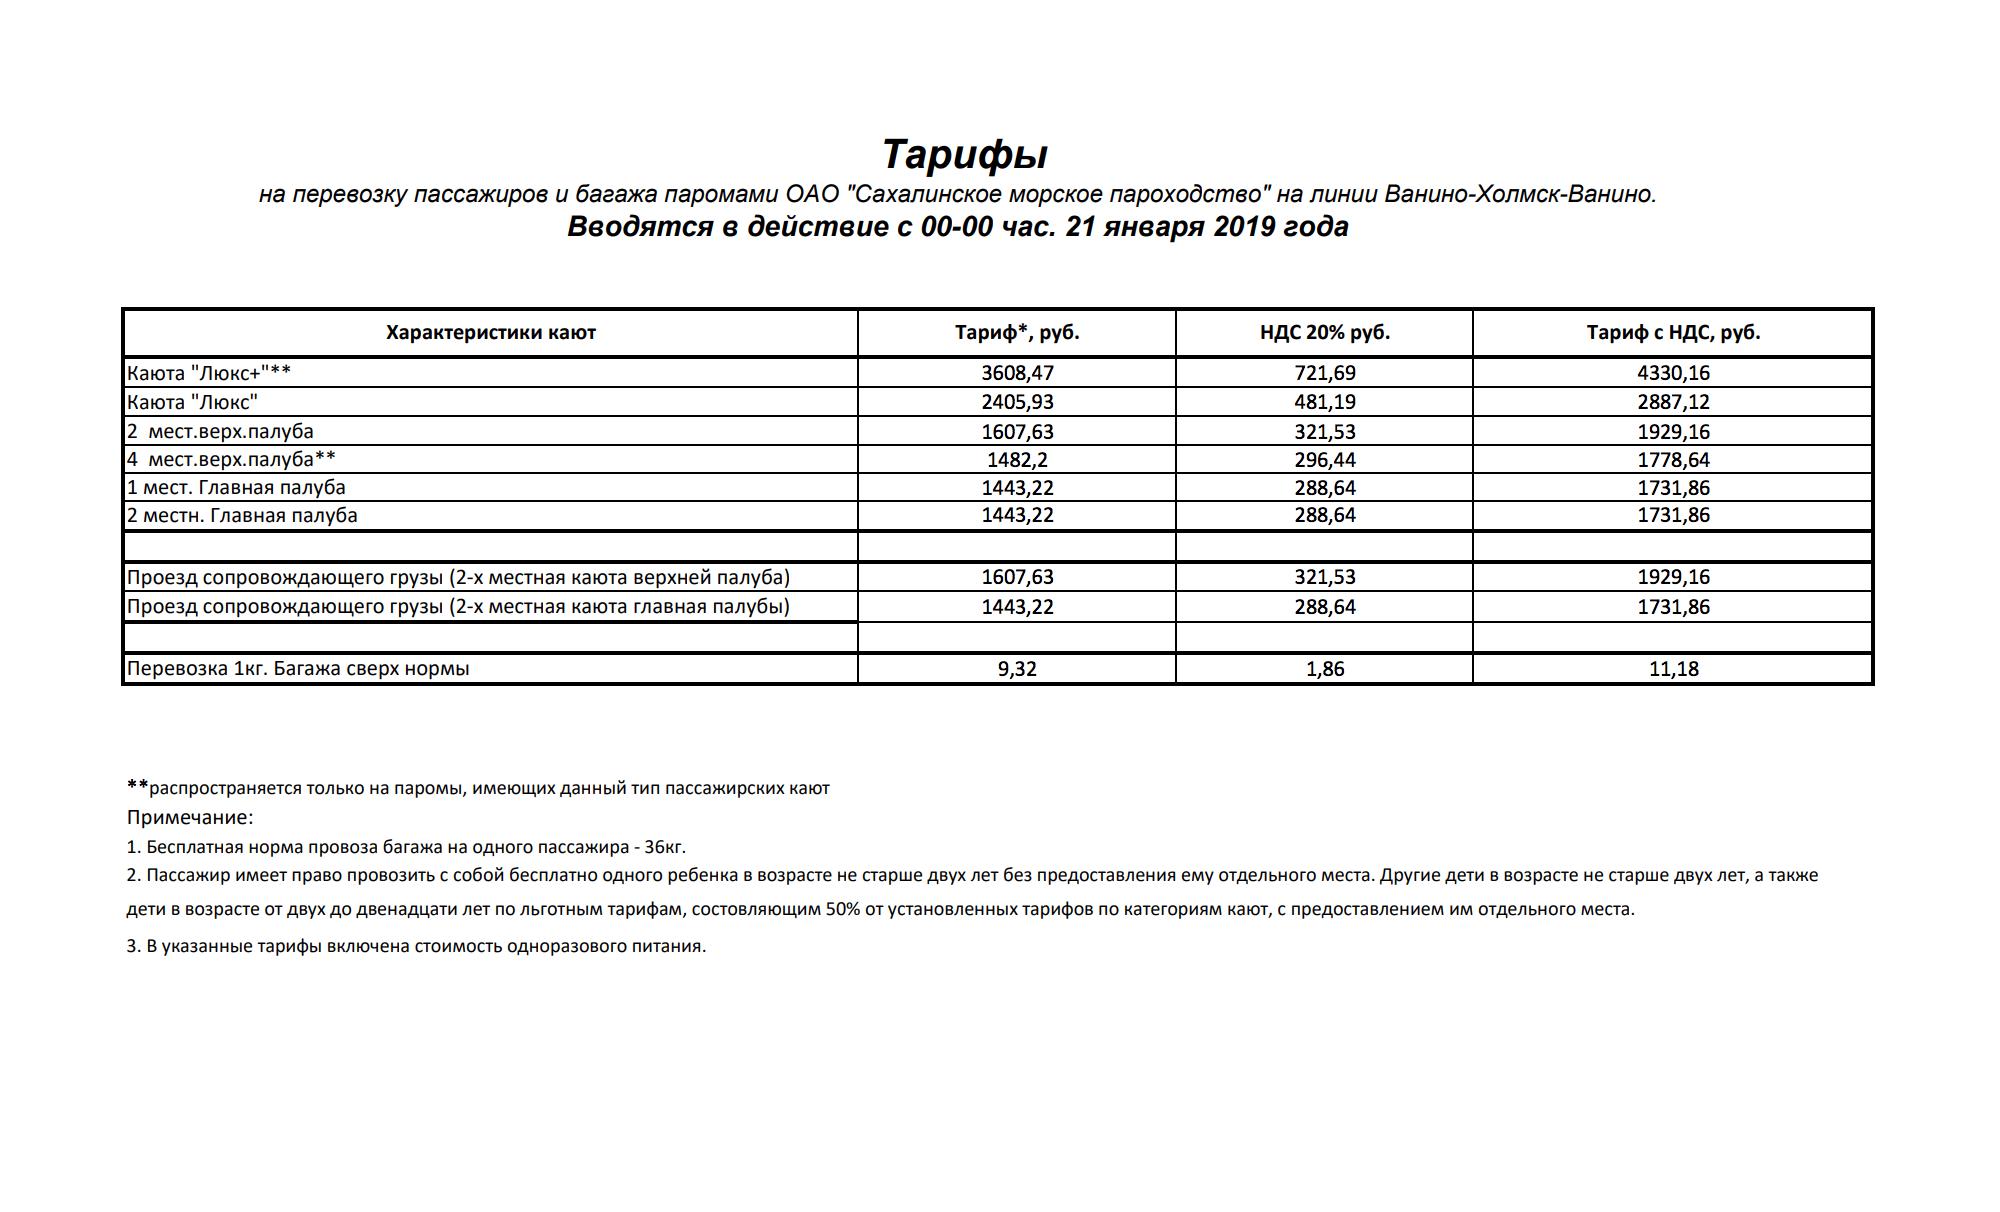 Самые дорогие билеты — в каюте «Люкс +»: по 4330<span class=ruble>Р</span>. Дешевые — за 1730<span class=ruble>Р</span> — в одно- и двухместных каютах на главной палубе